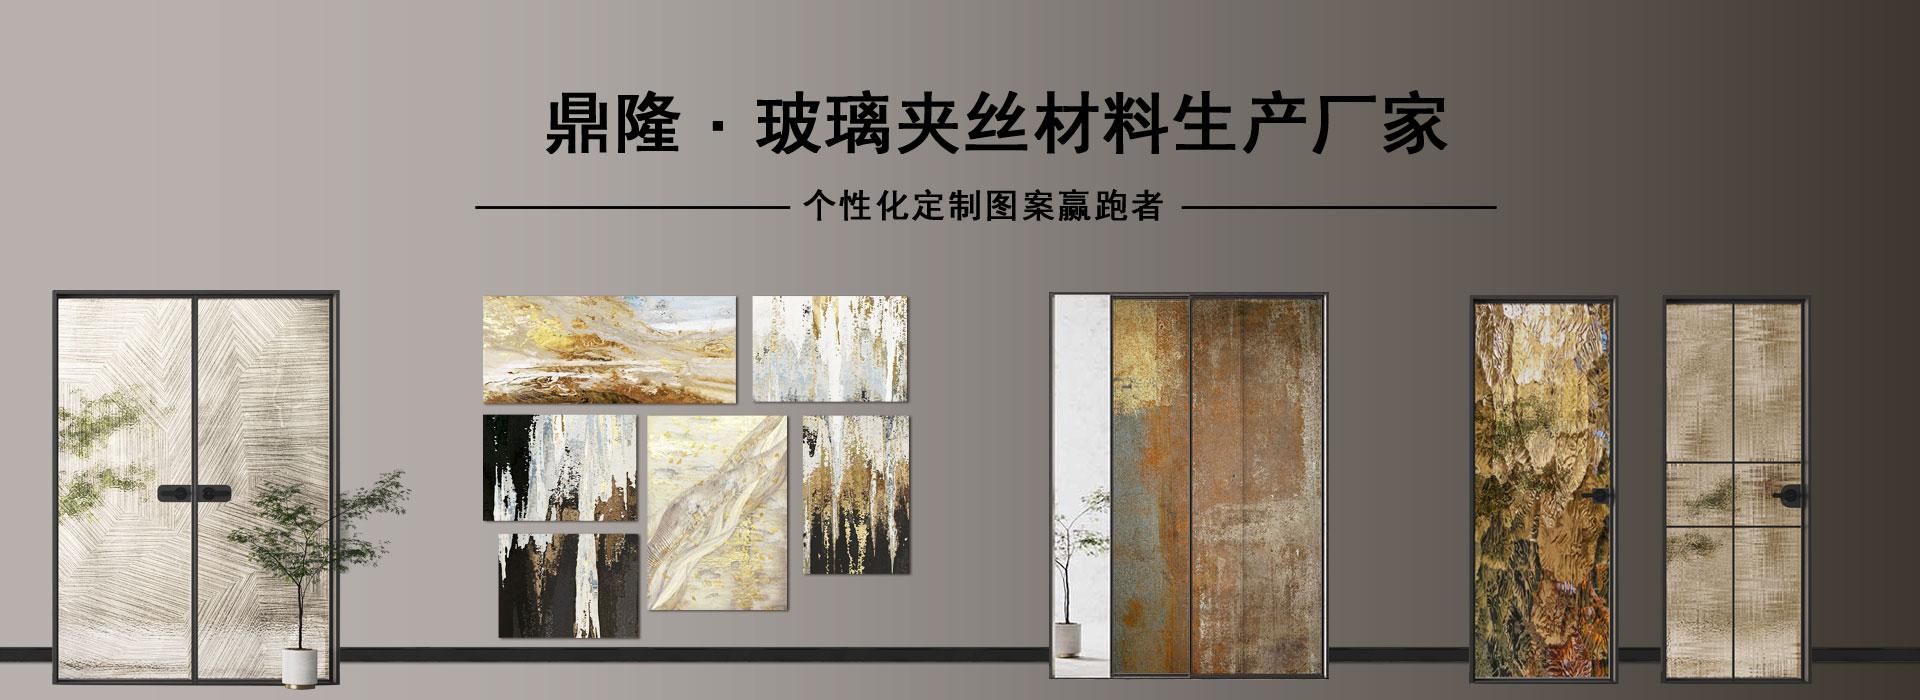 苏州鼎隆-玻璃夹丝材料,个性化定制图案不断创新